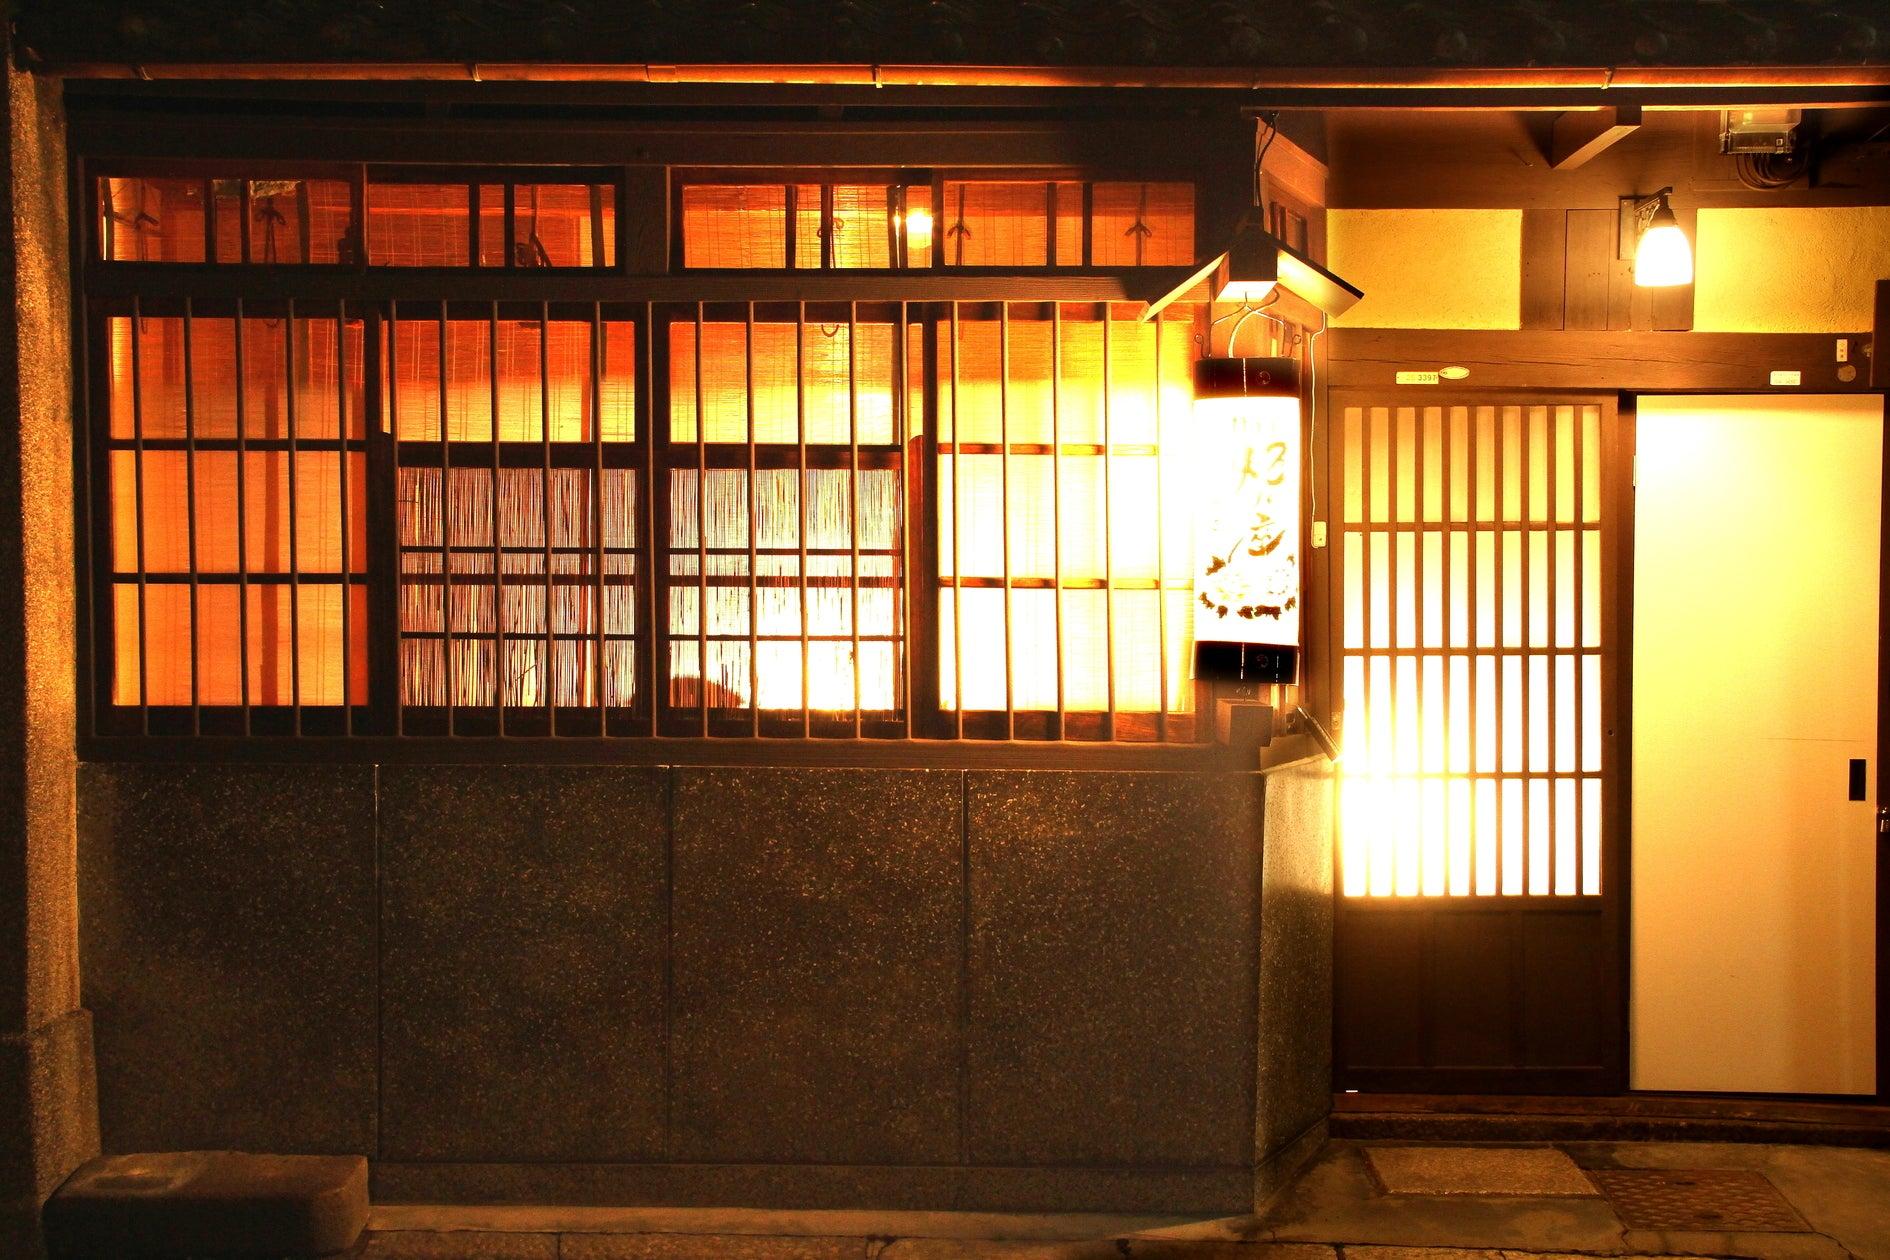 【グループ8名まで貸切】 祇園祭の鉾見物も徒歩圏内! 坪庭を眺めながら信楽焼のお風呂でのんびり! のサムネイル